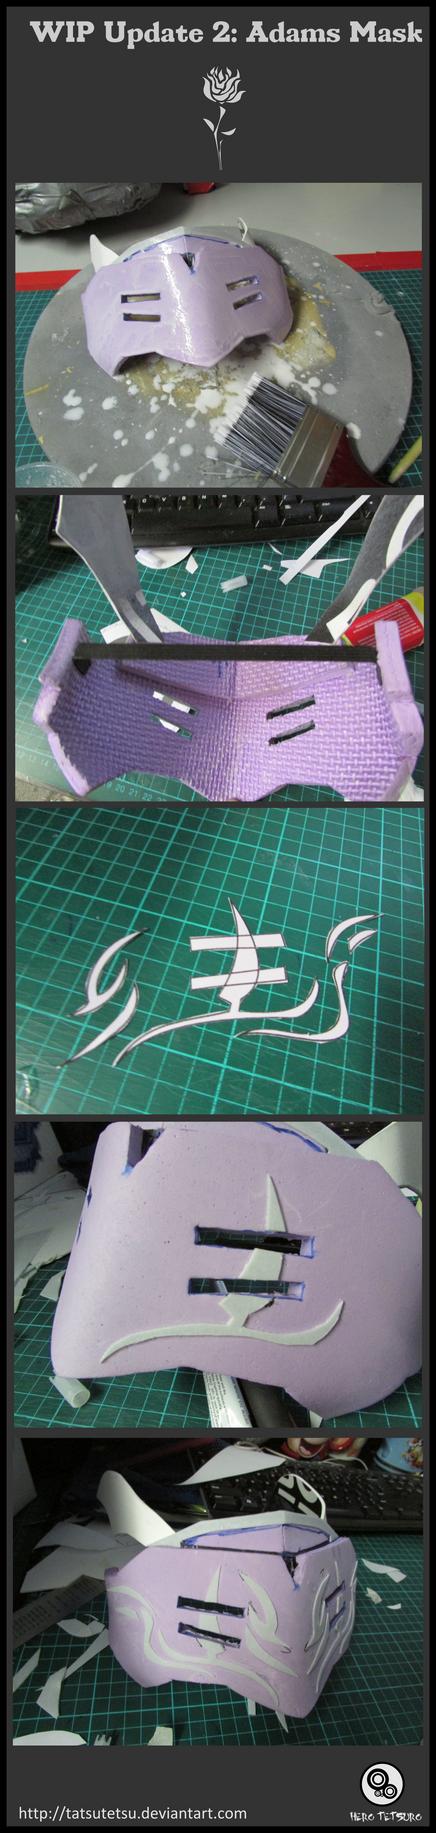 RWBY Adams Mask WIP Update 2 by Tatsutetsu